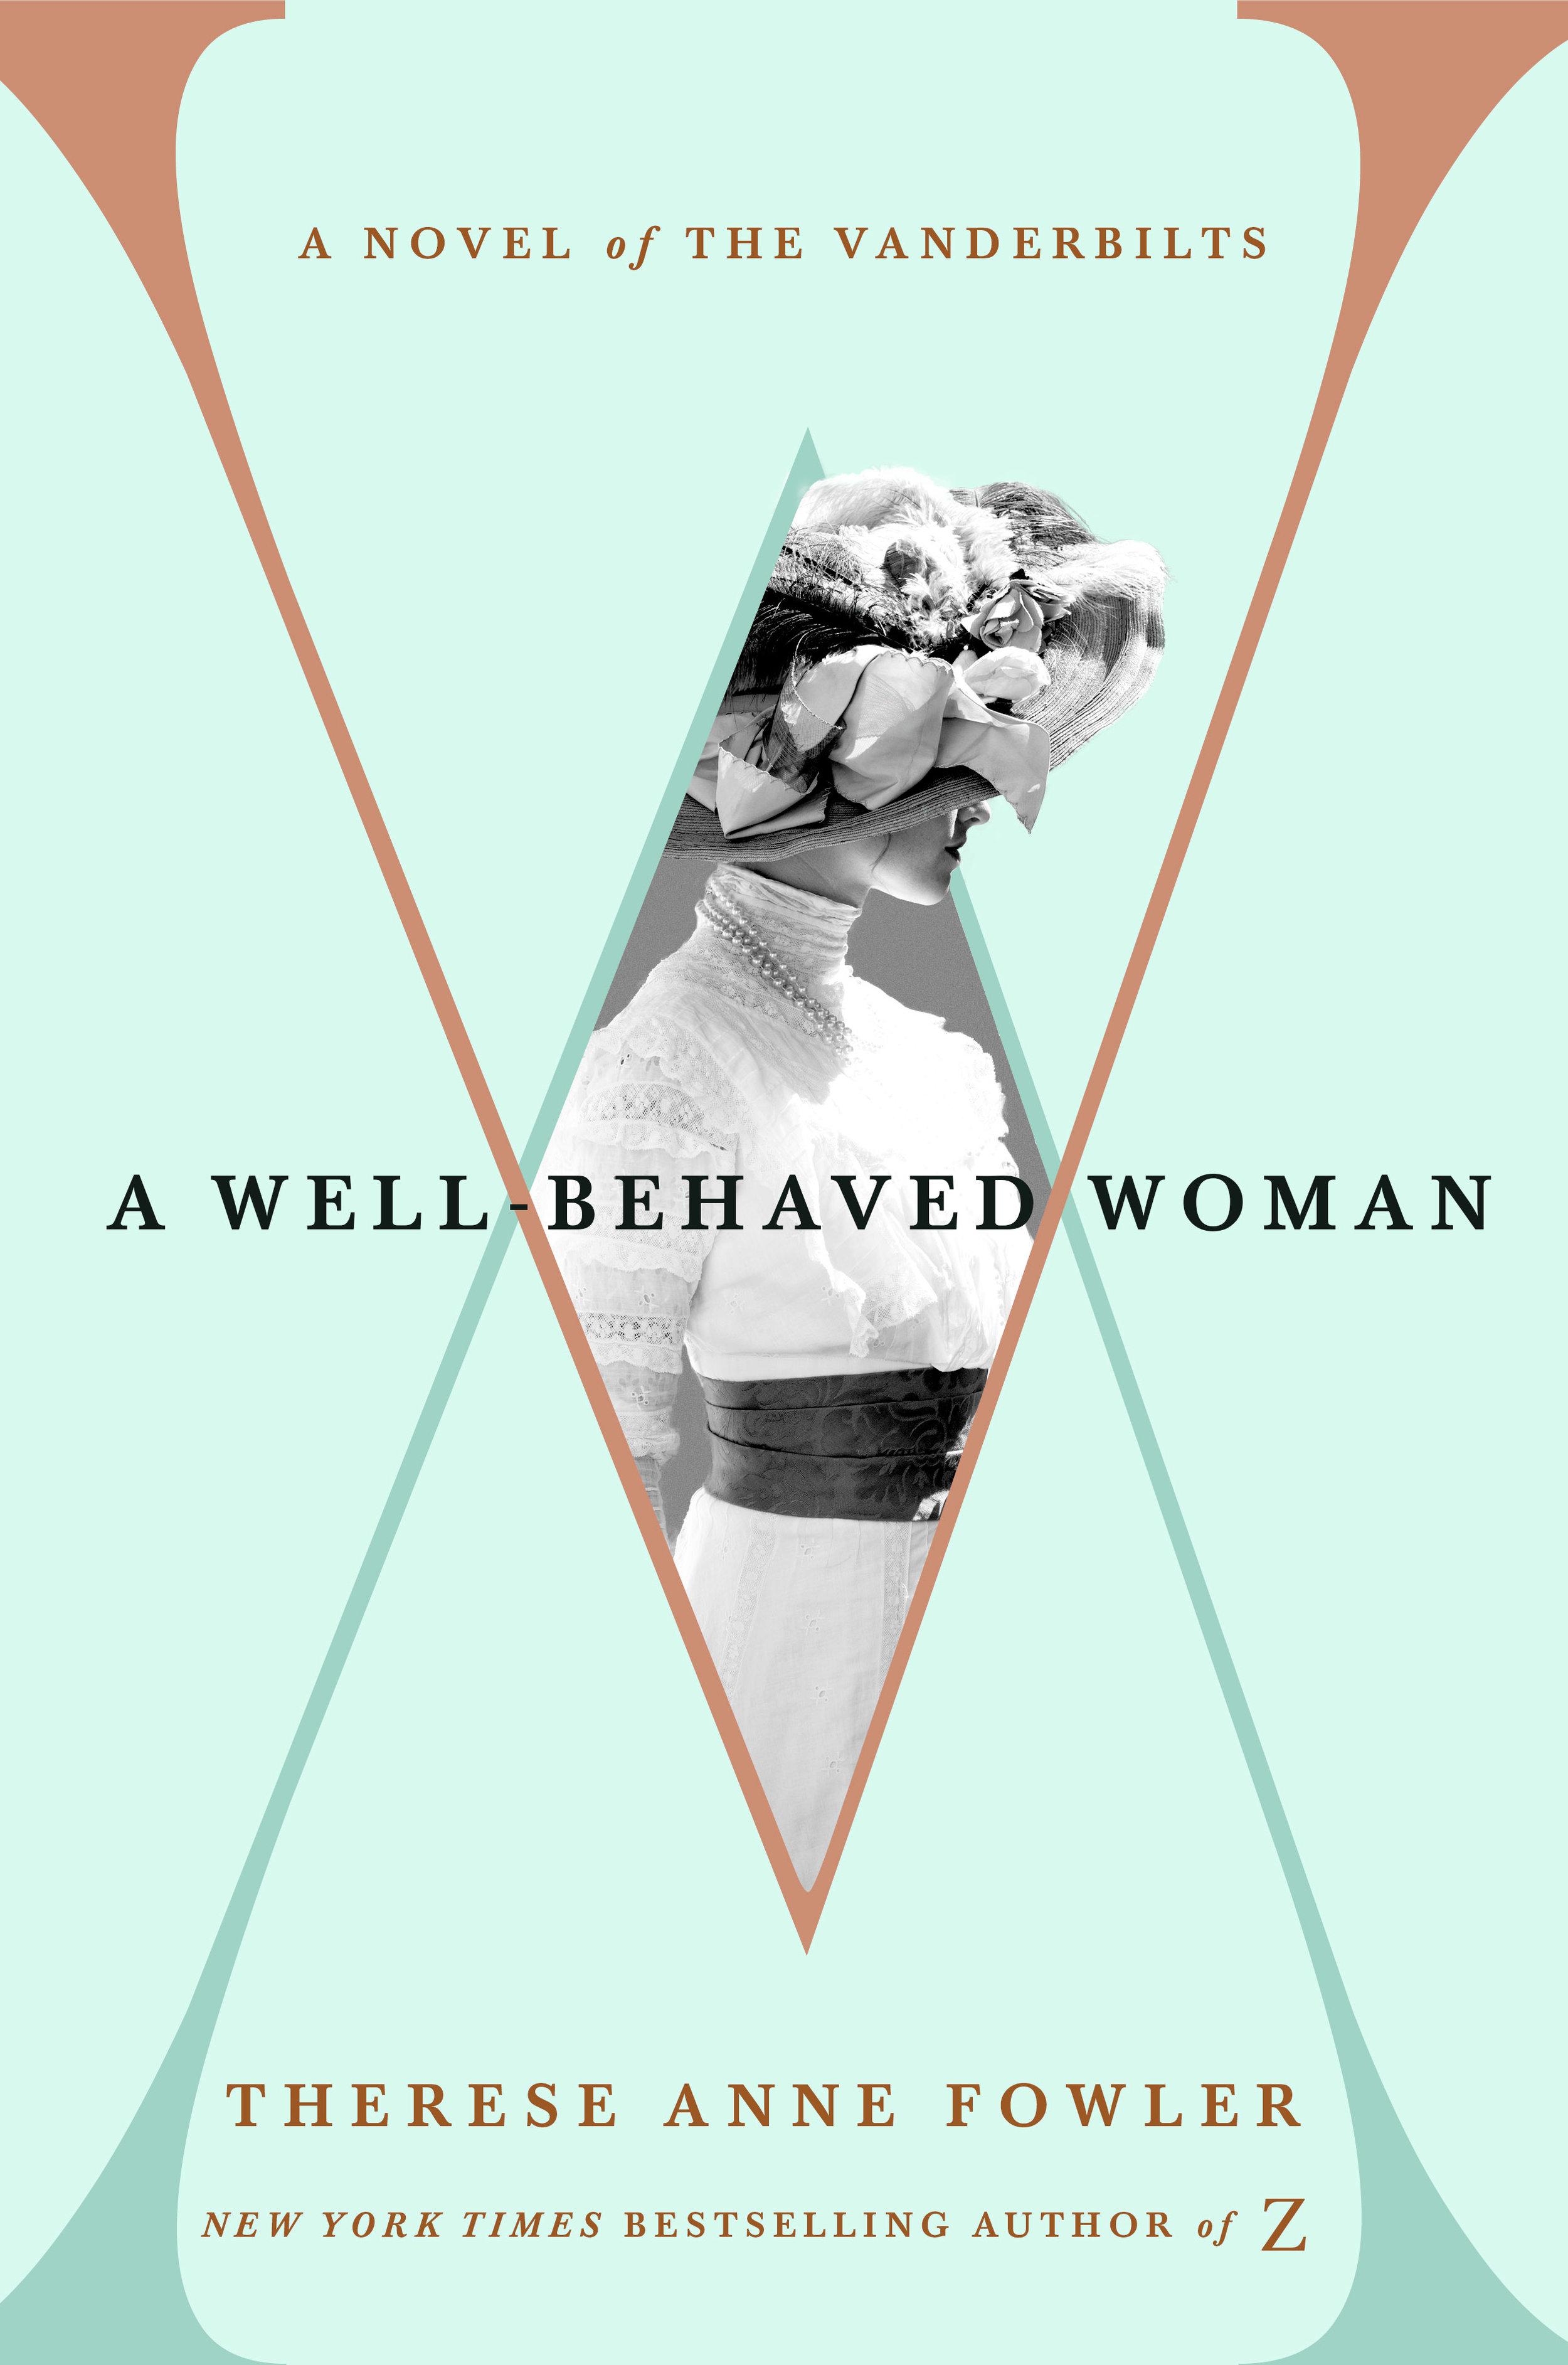 well behaved woman_FIN.jpg